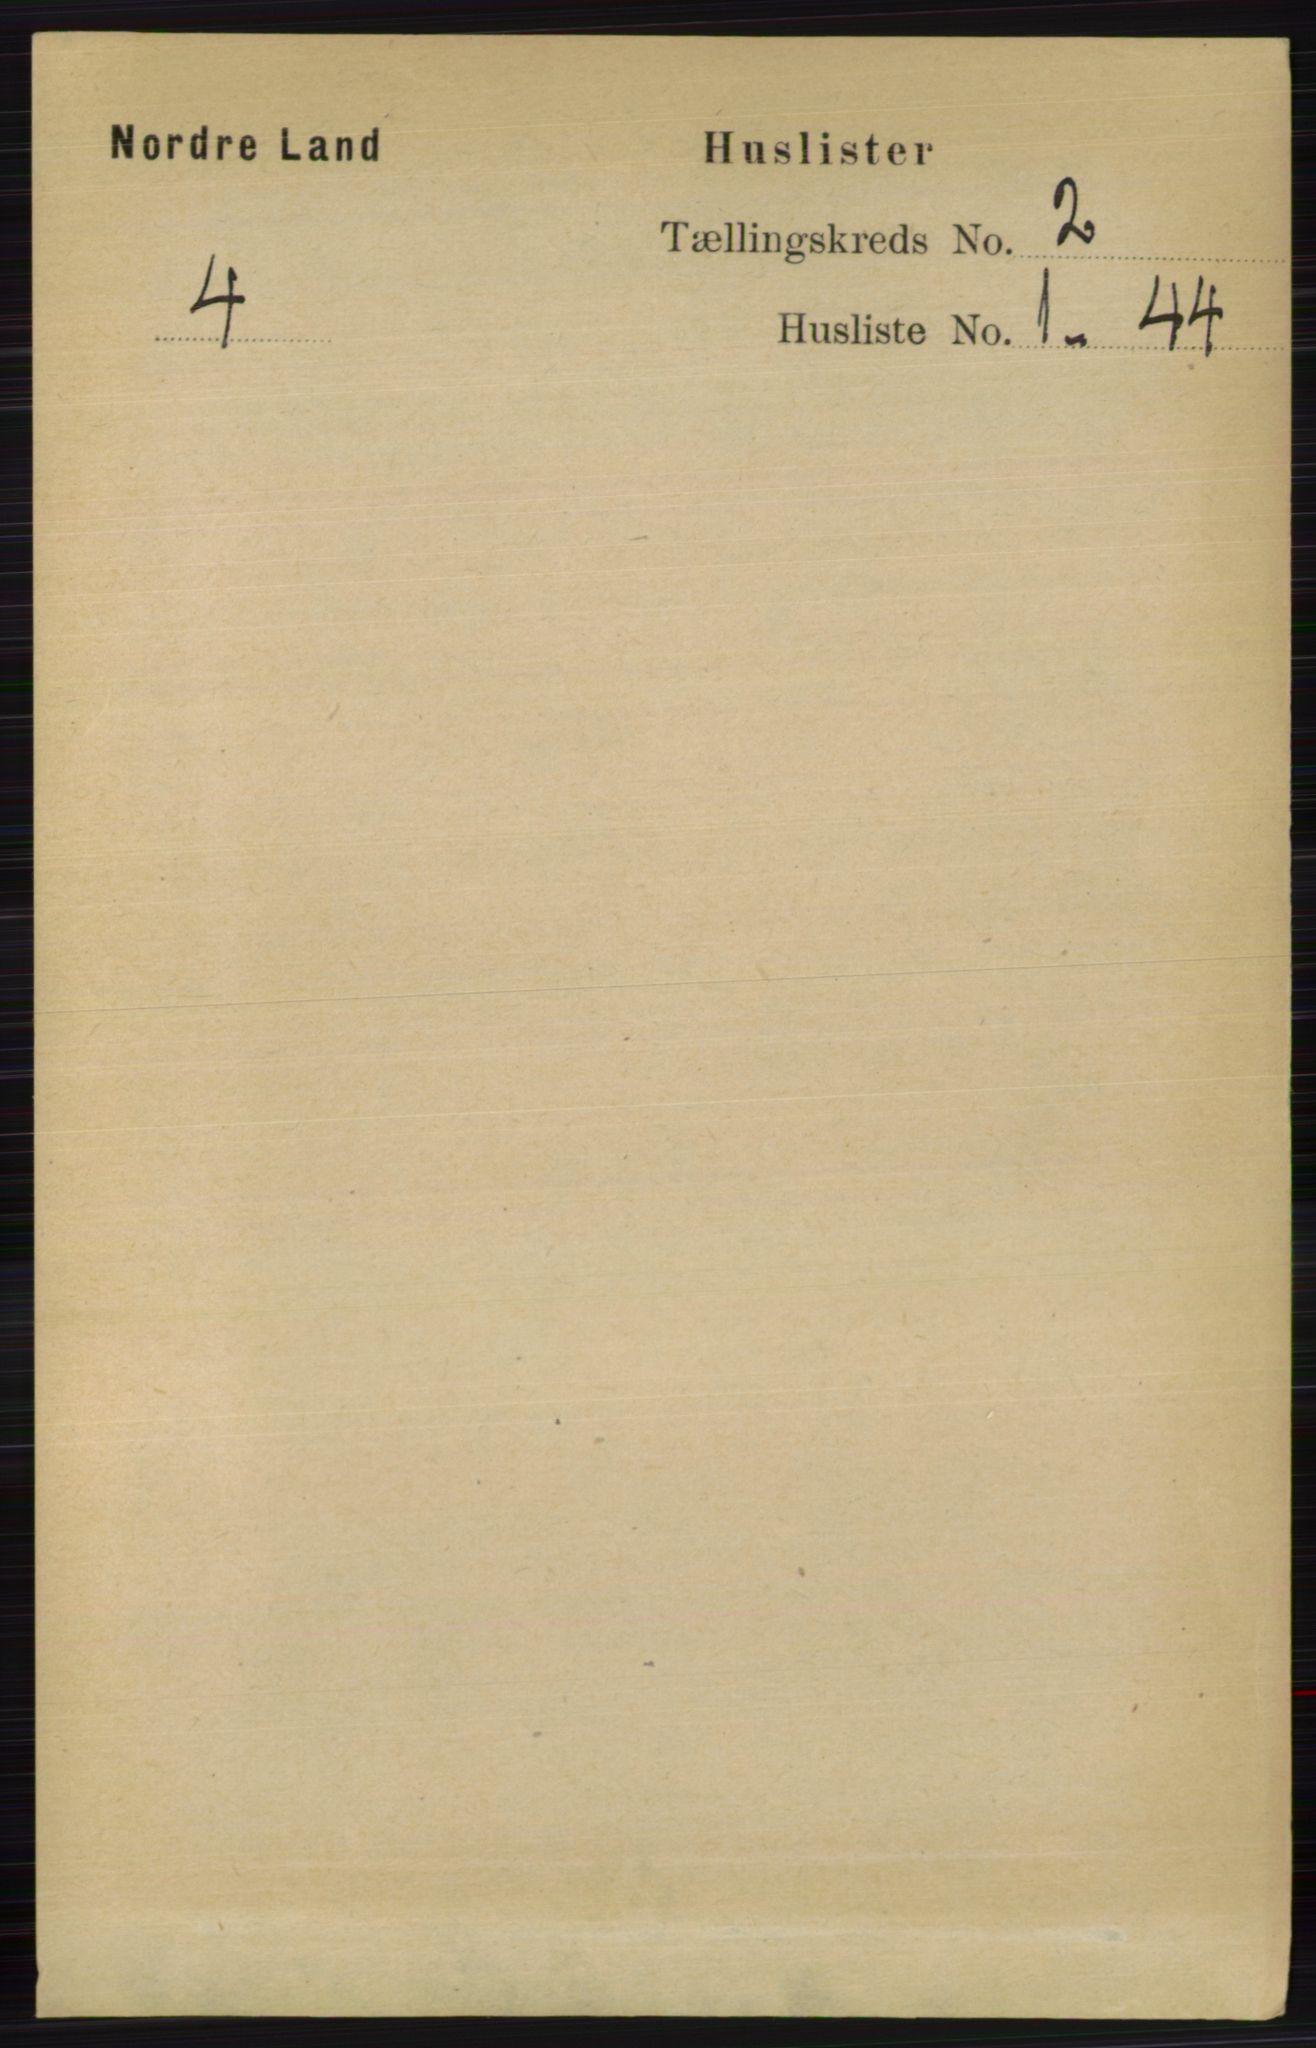 RA, Folketelling 1891 for 0538 Nordre Land herred, 1891, s. 530